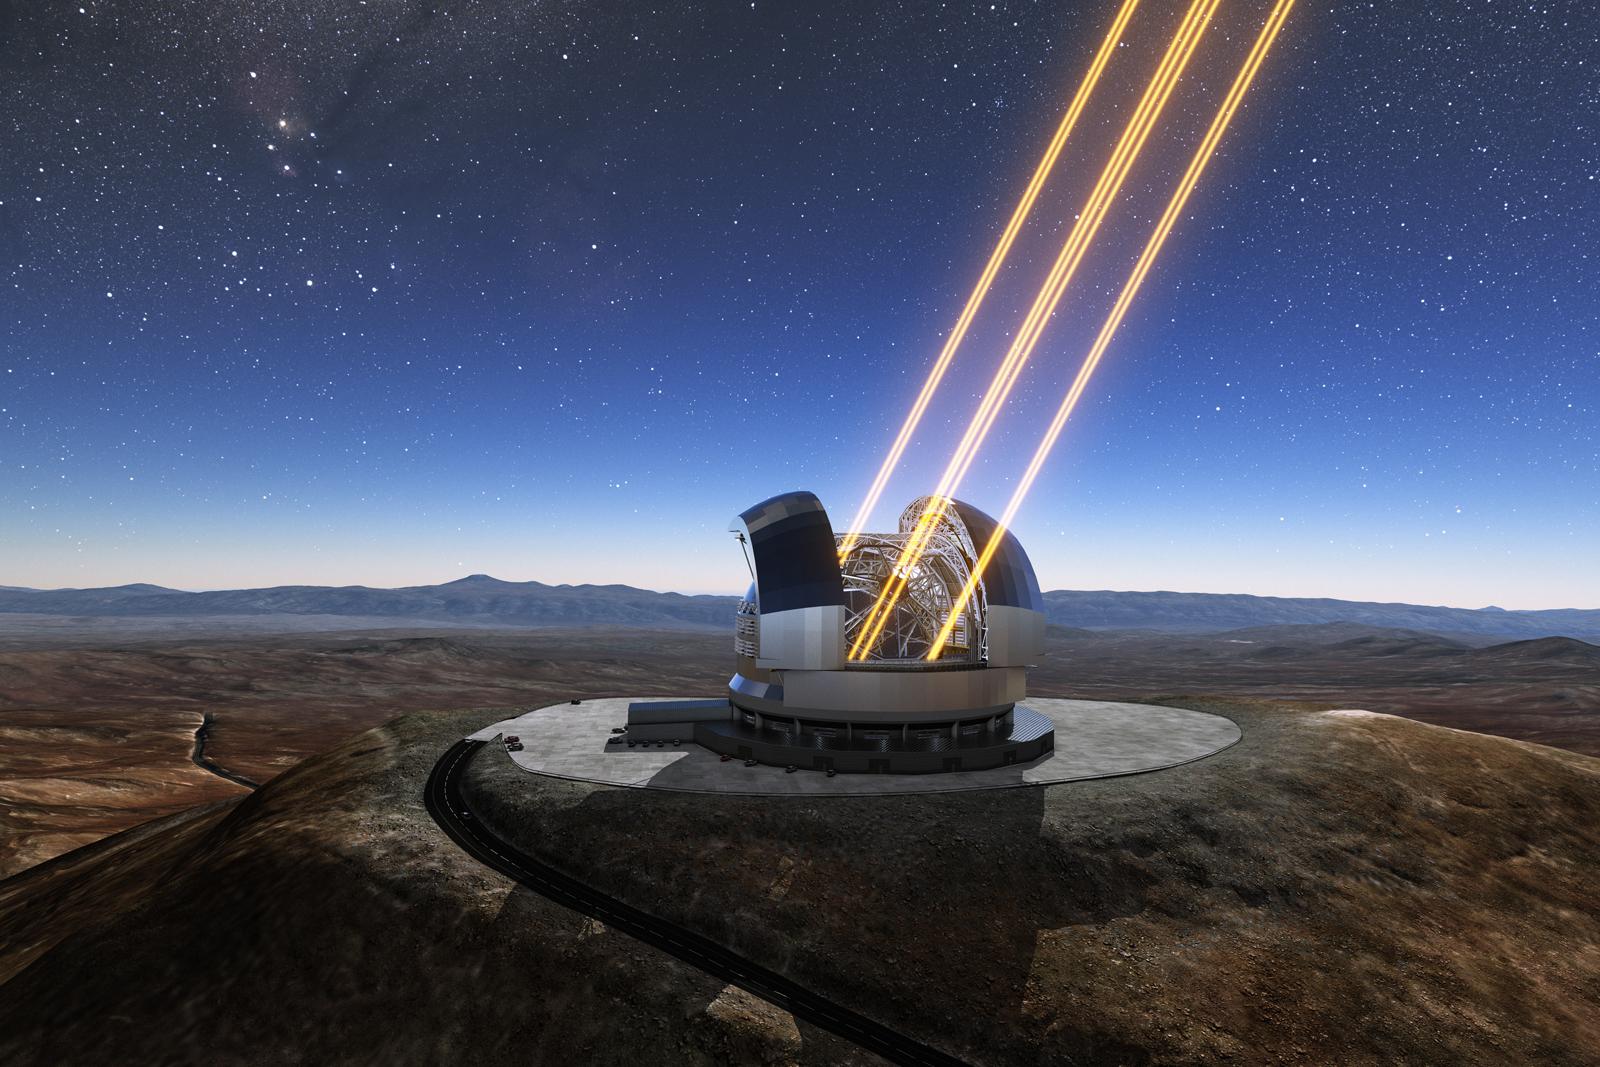 ESO 開始動工興建「歐洲極大望遠鏡」